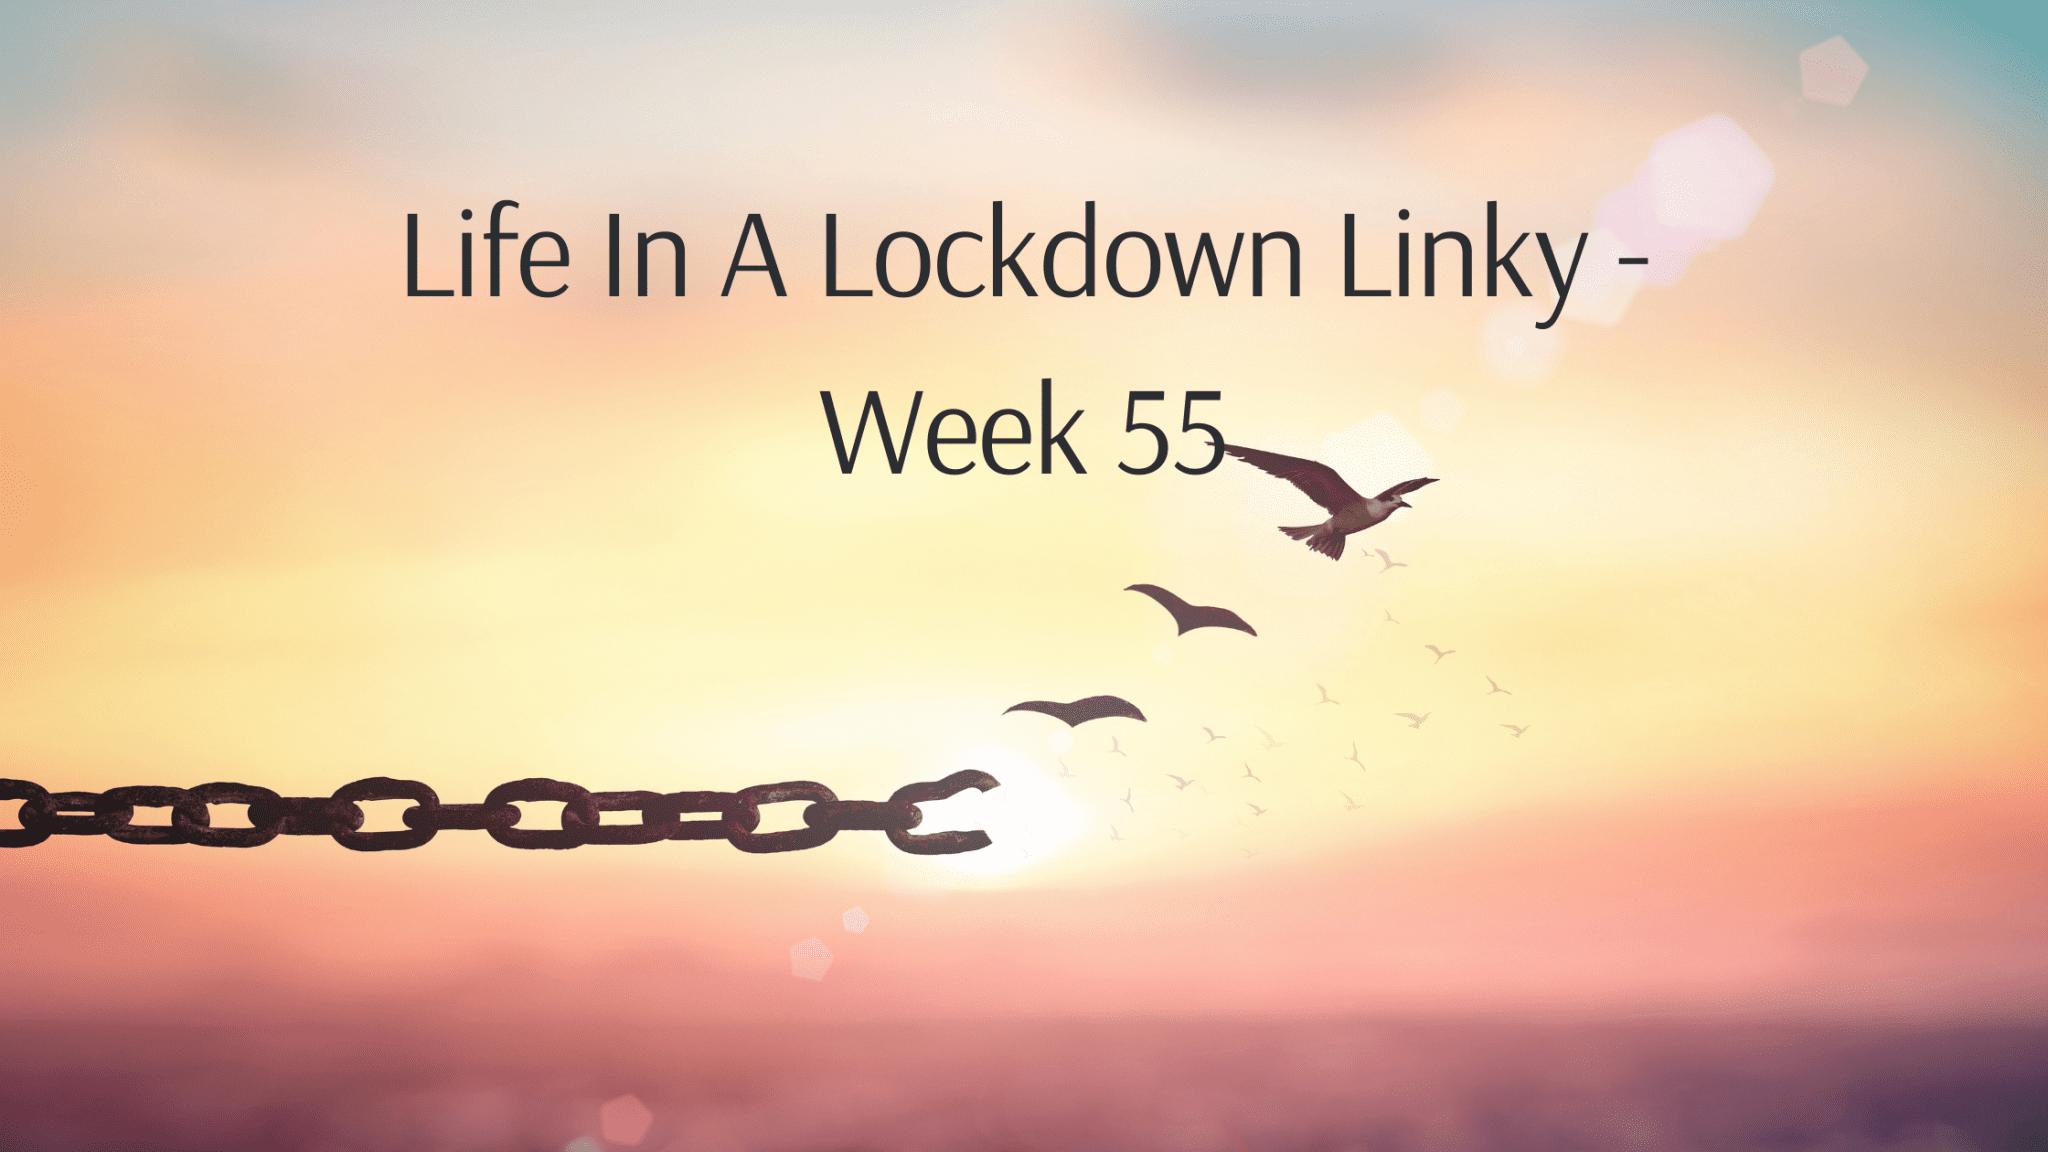 Life In A Lockdown Linky - Week 55